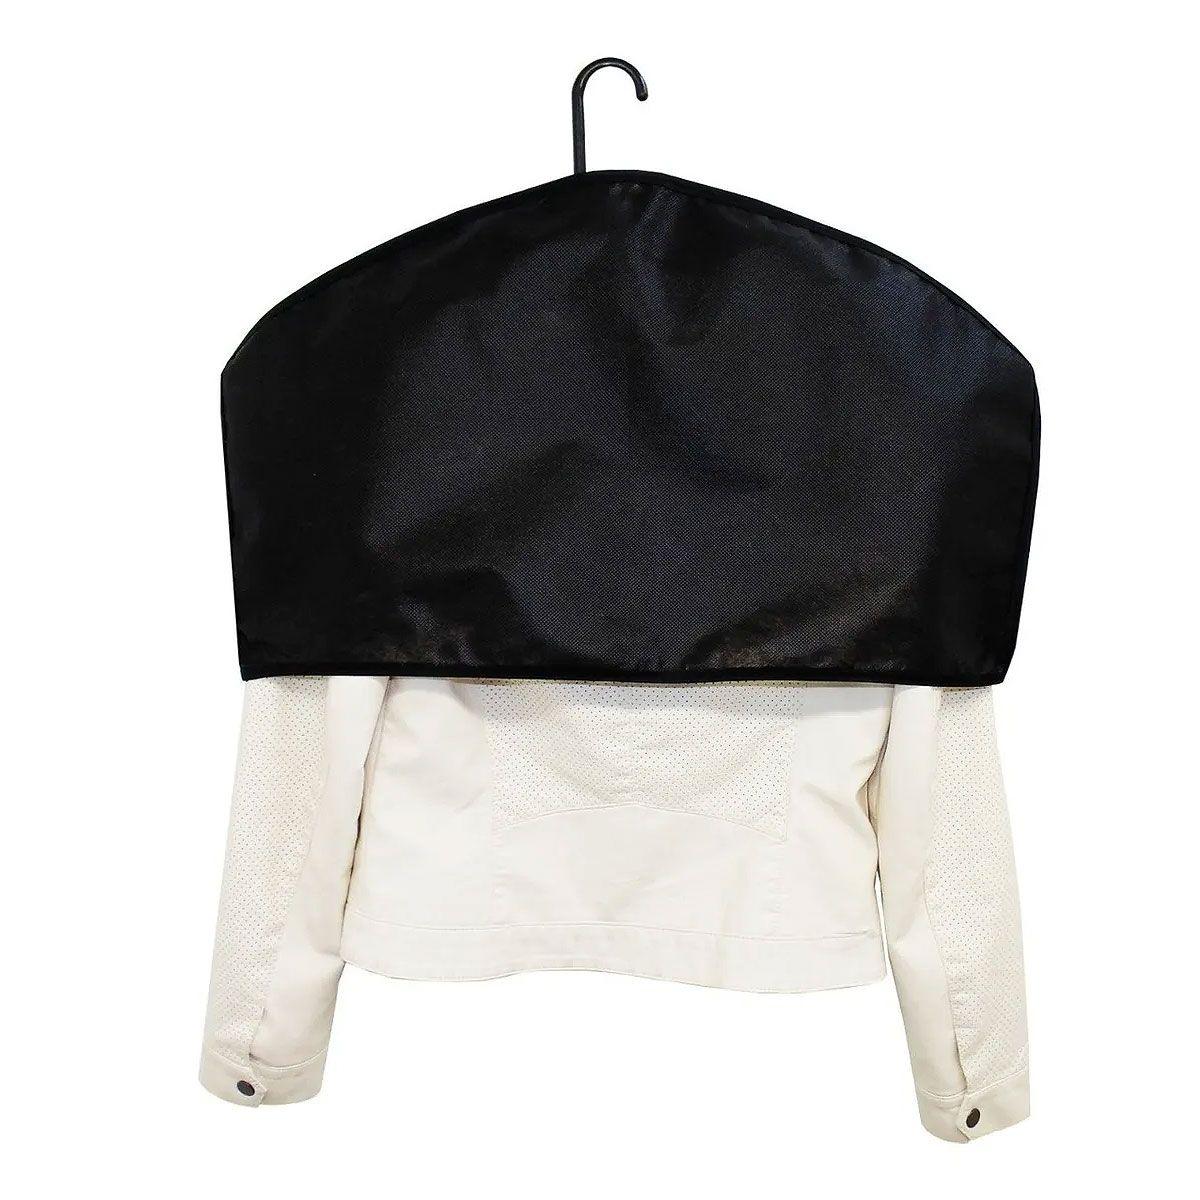 Ombreiras Para Roupas Em Tnt  -  Kit Com 3